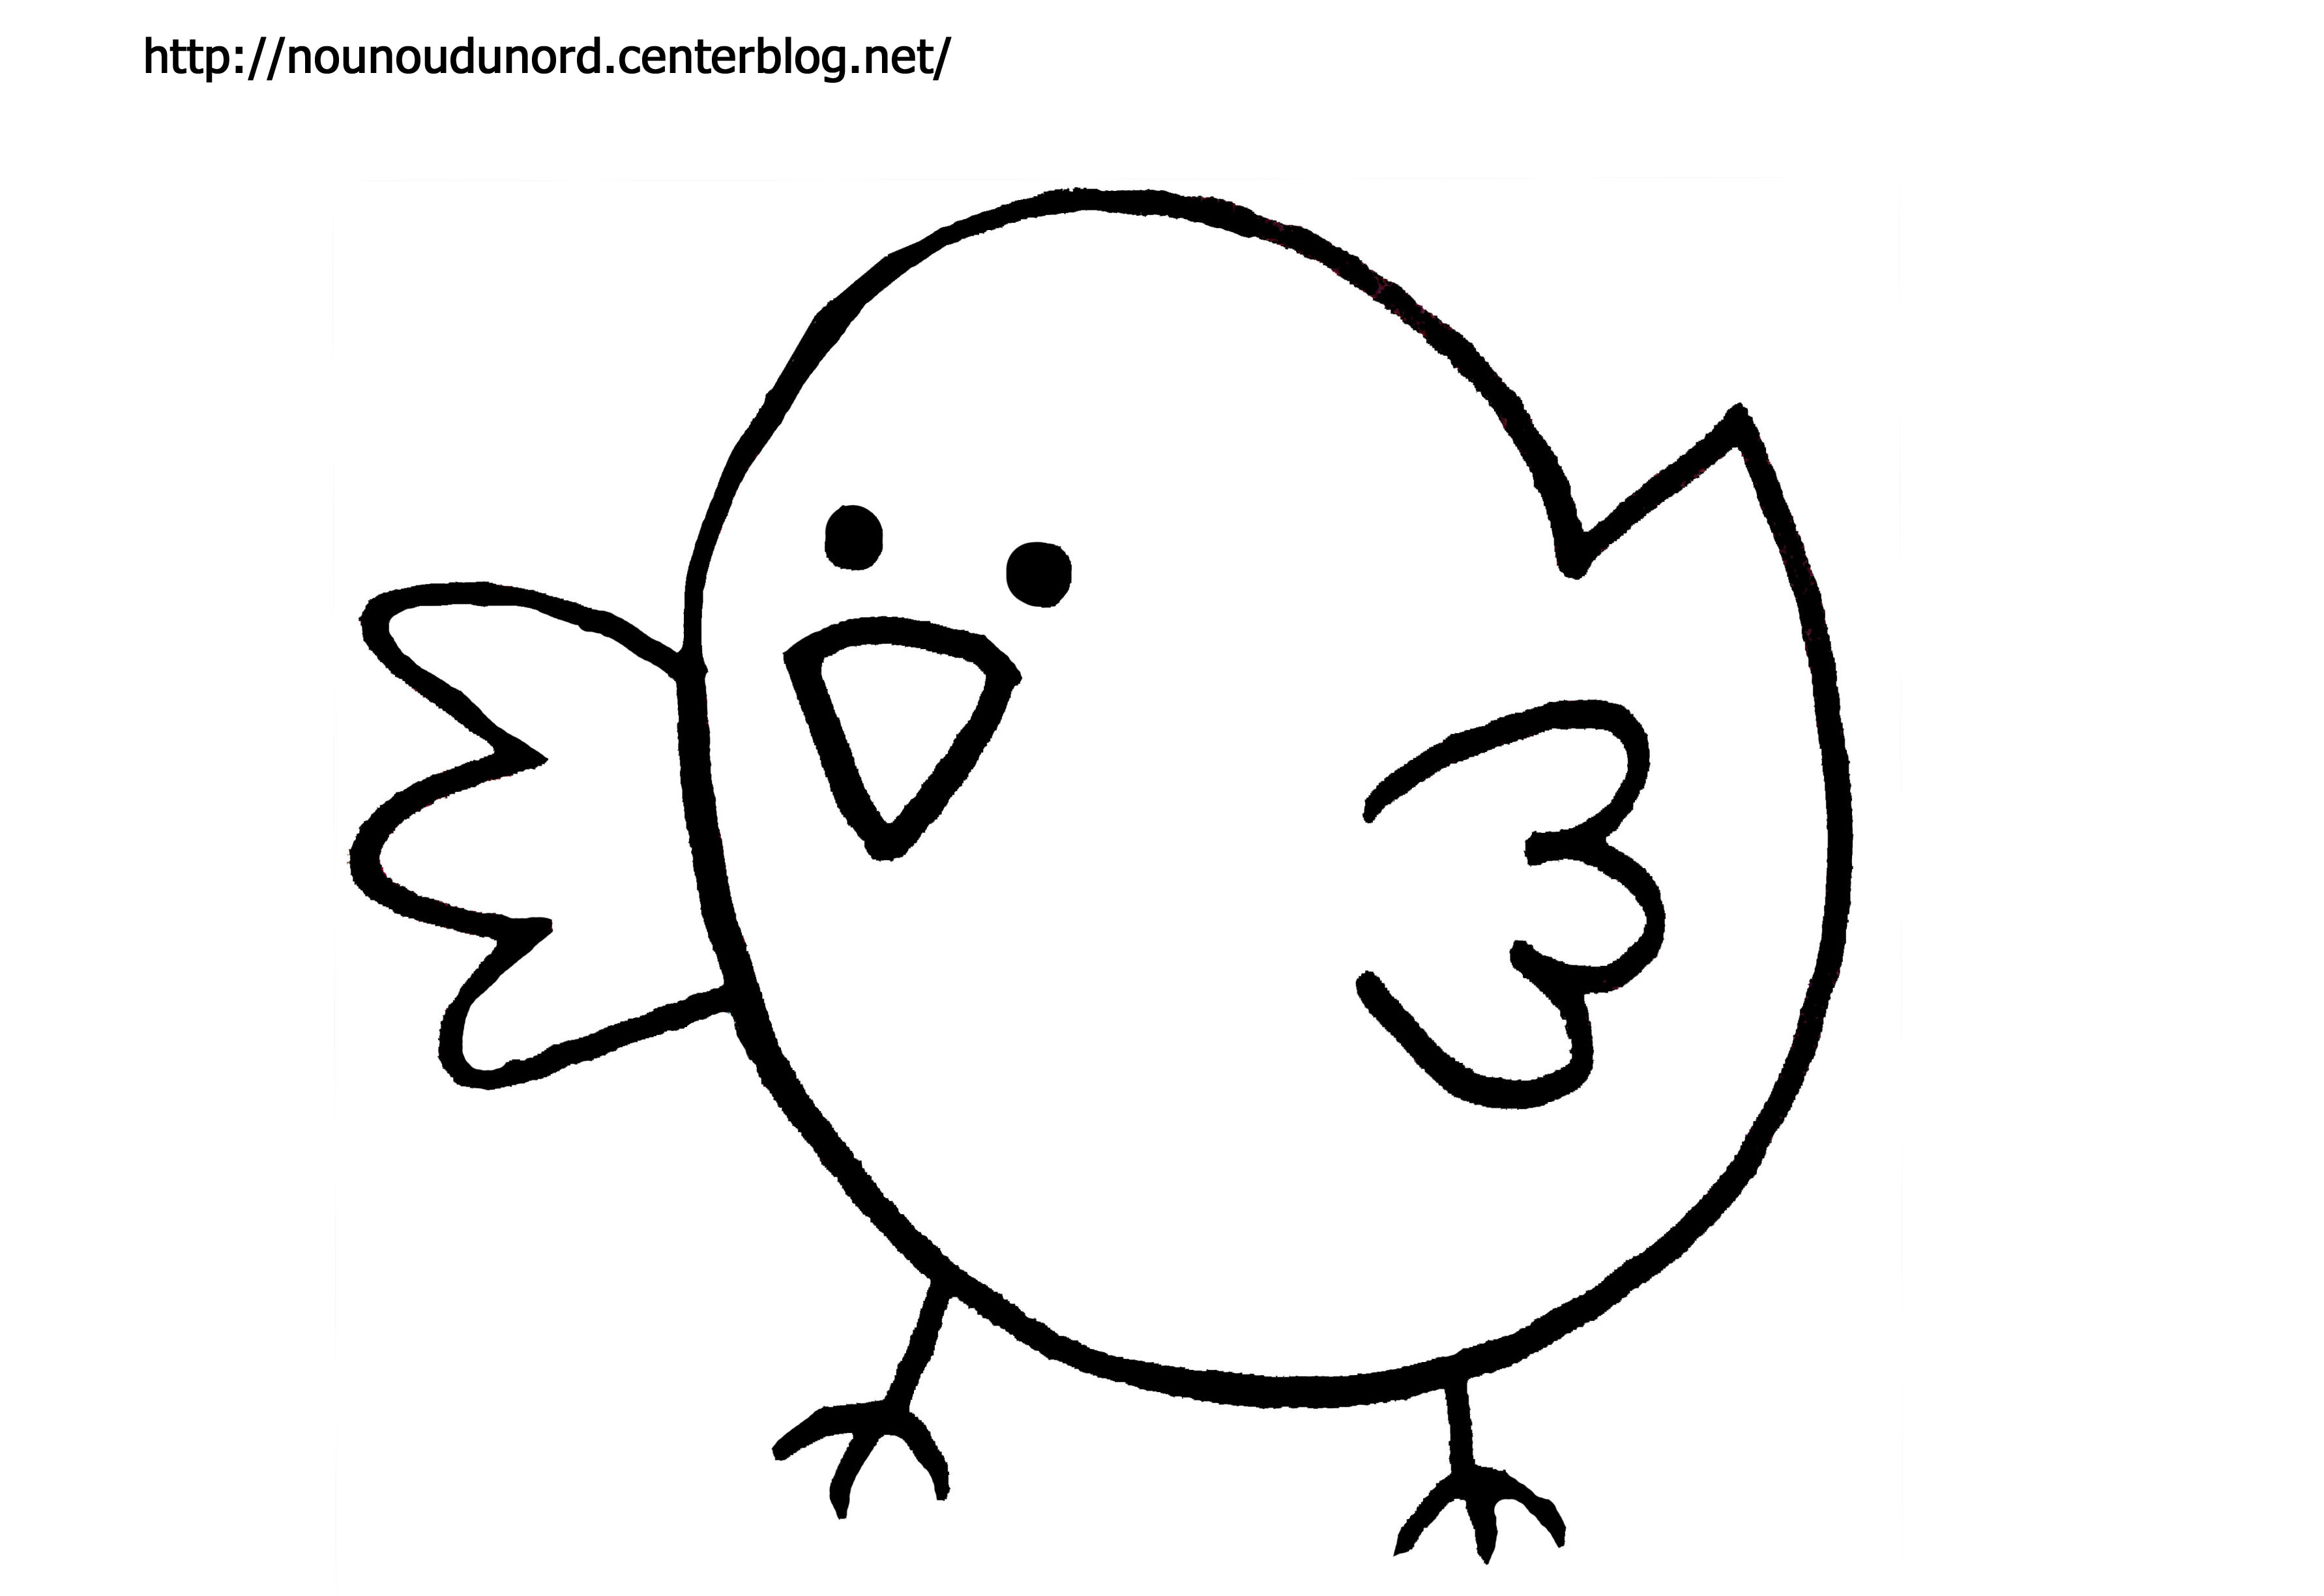 Coloriage À Dessiner Poussin Poule Coq concernant Coloriage Poussin A Imprimer Gratuit